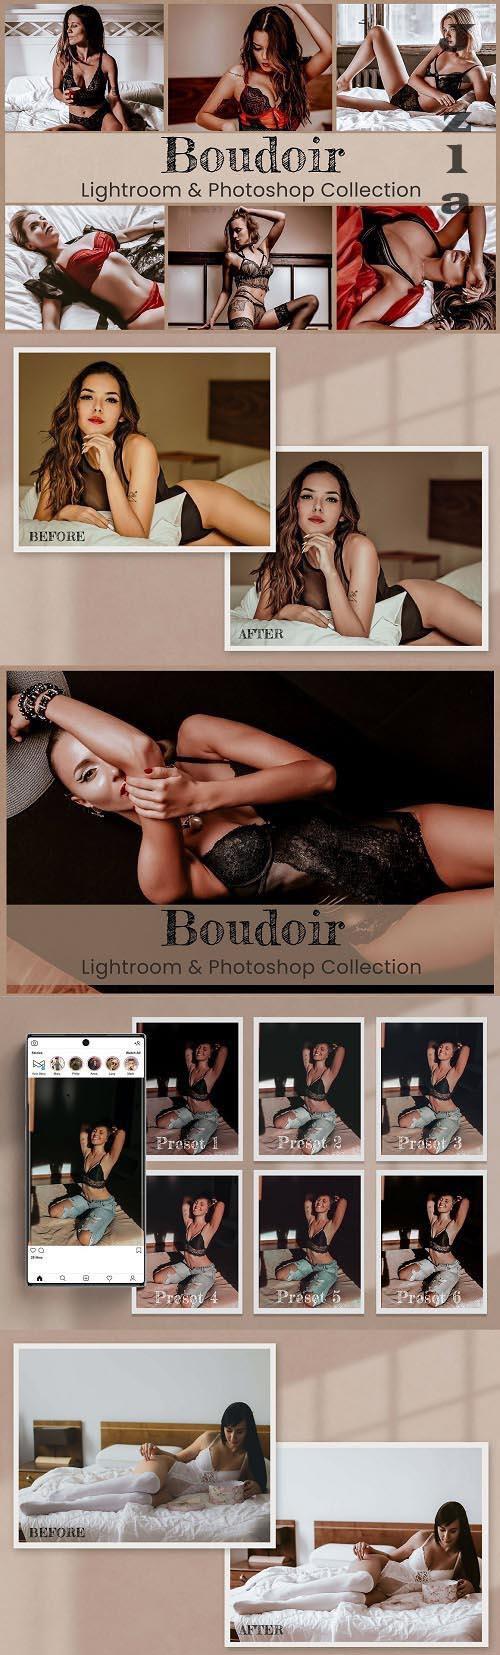 Boudoir Lightroom Photoshop ACR LUTs - 6450218